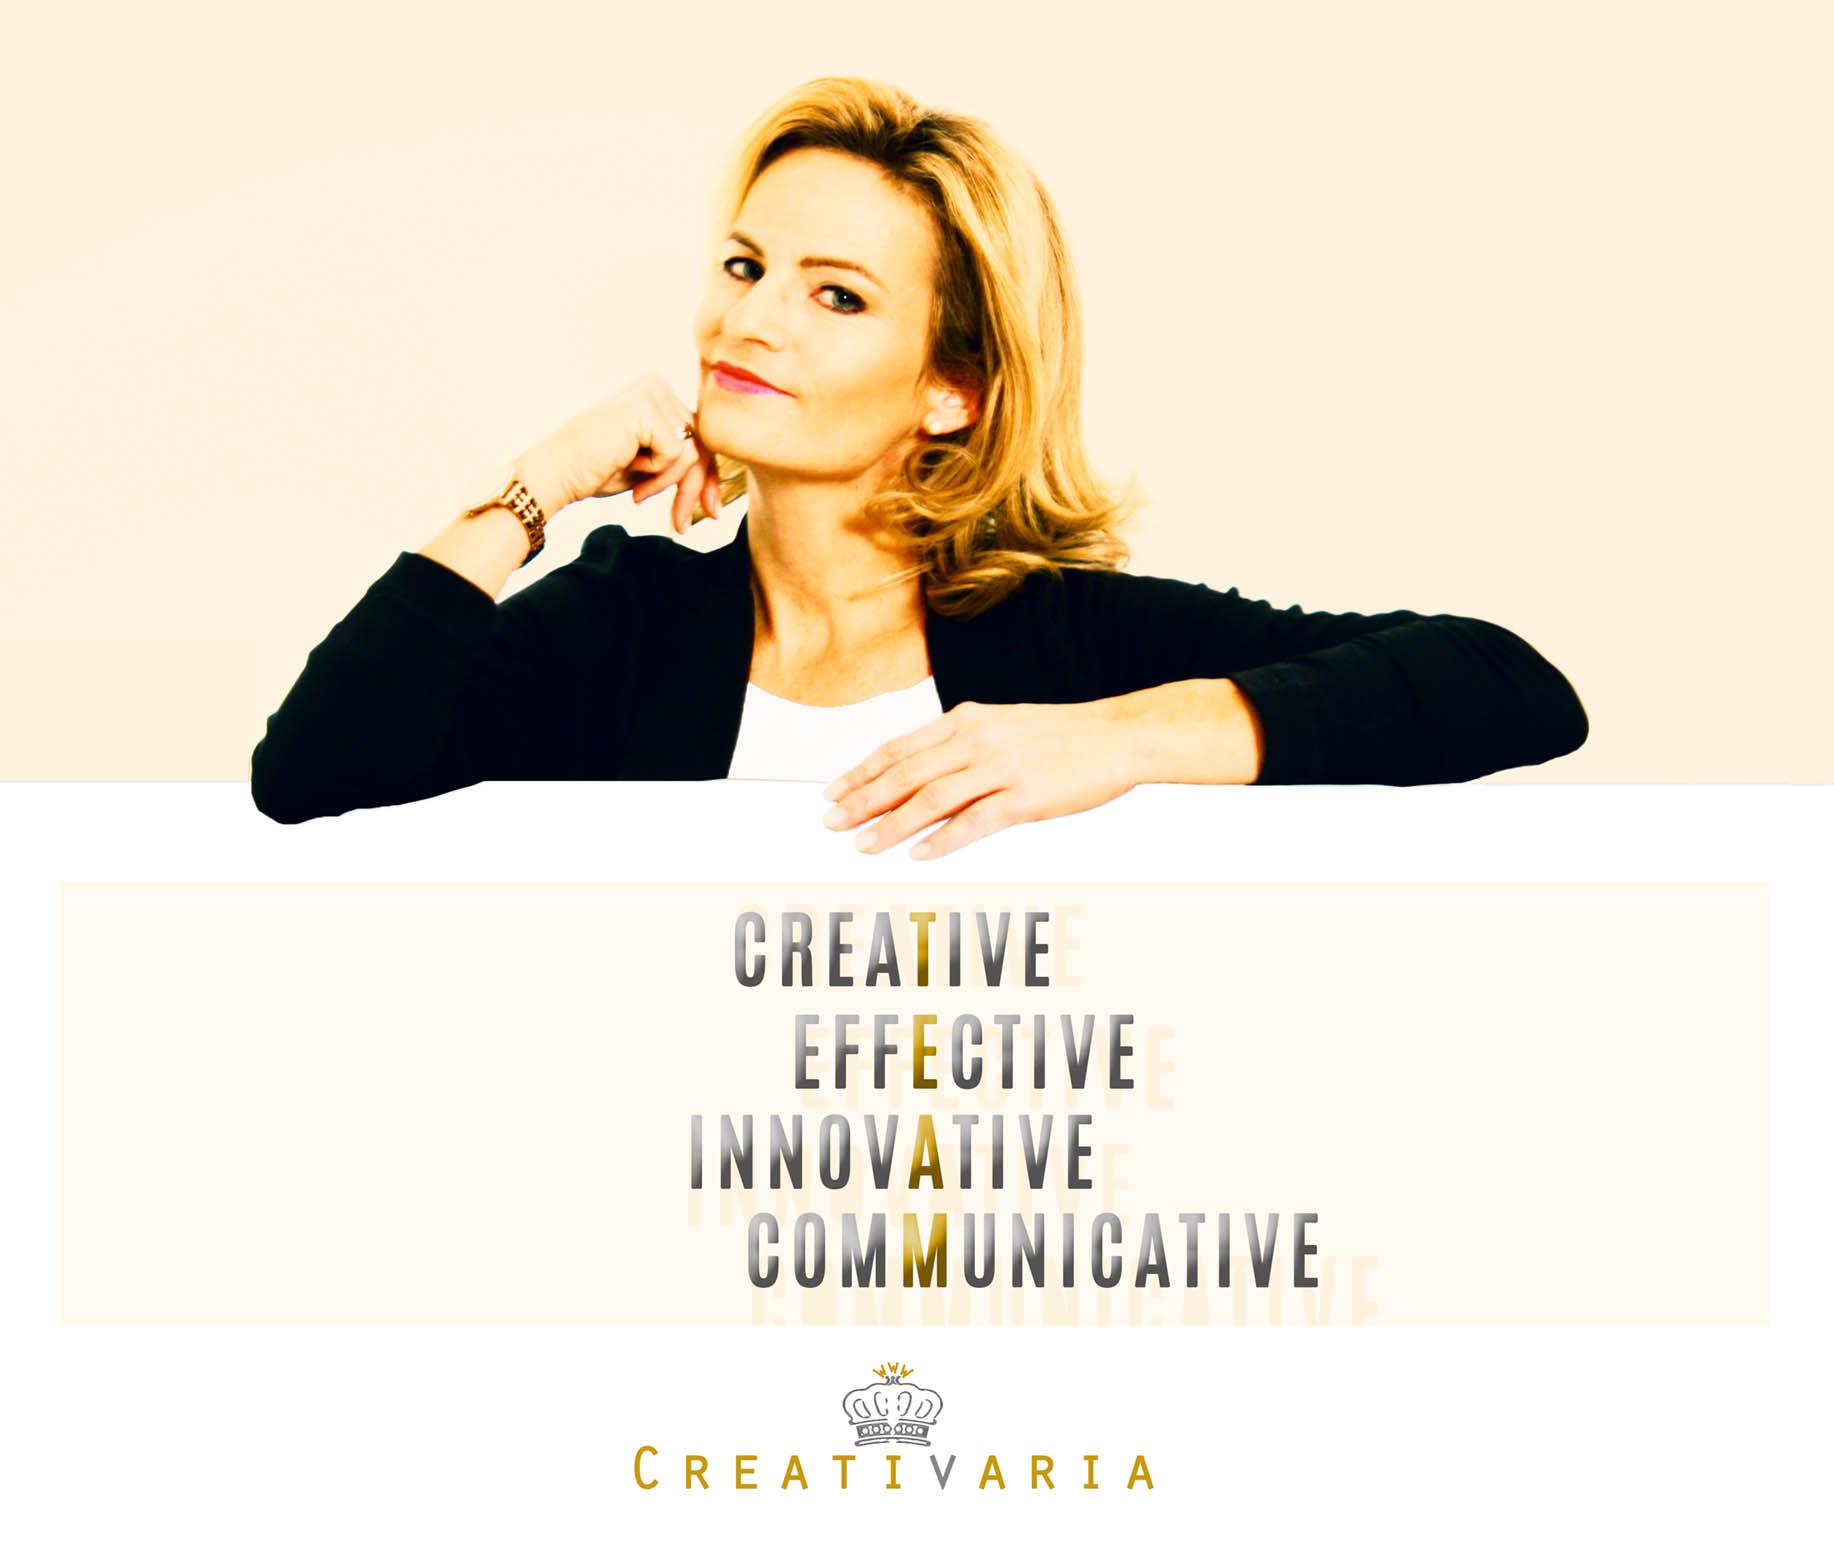 creativaria Team